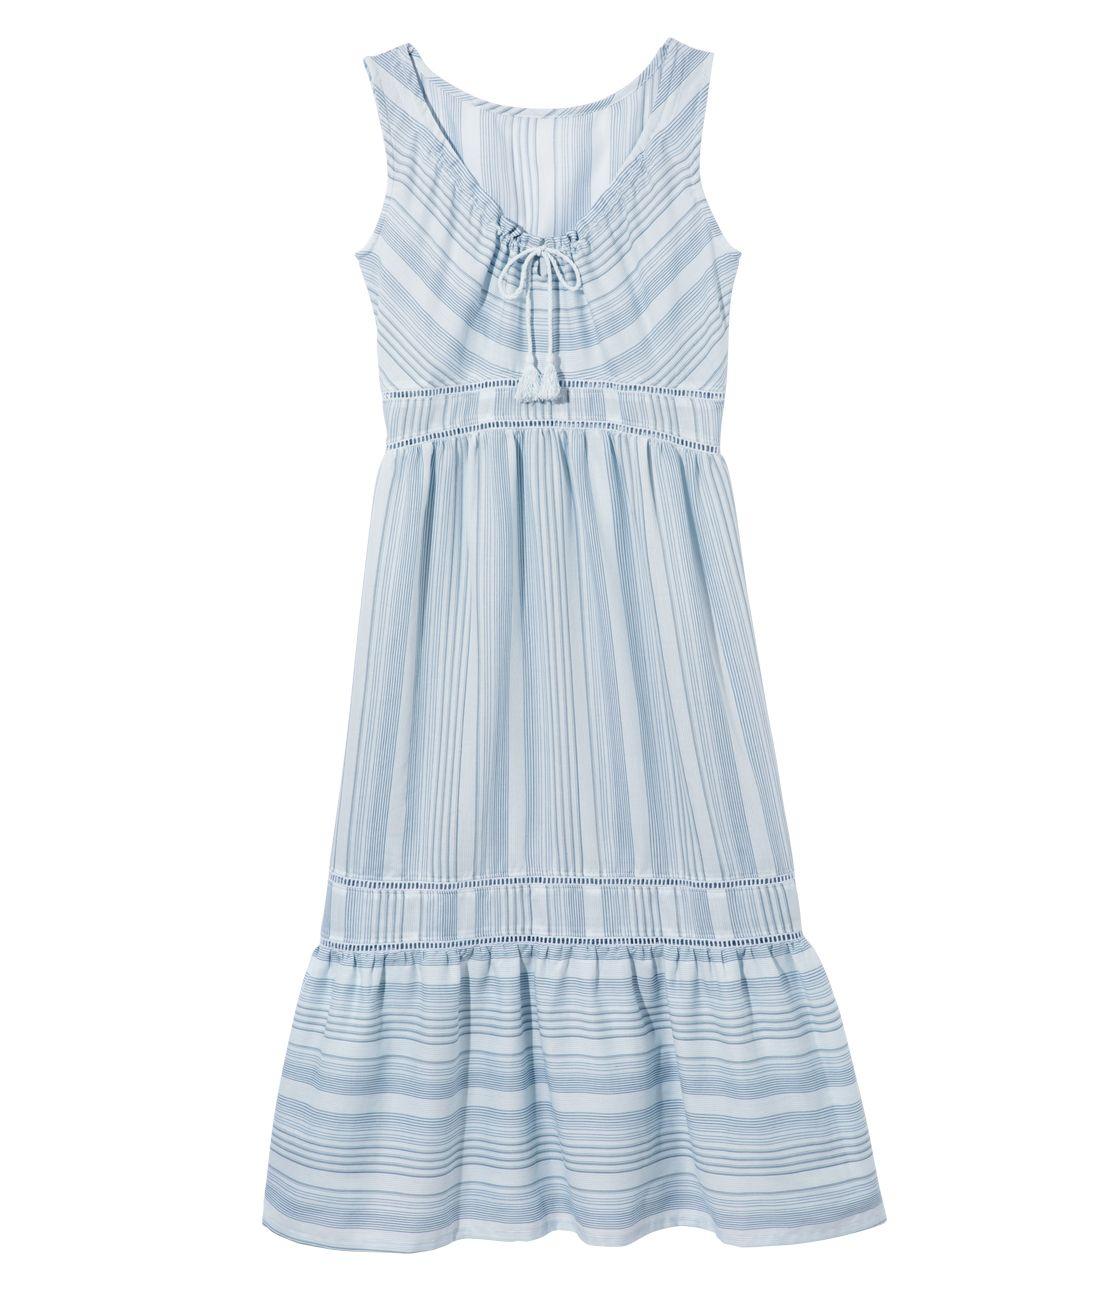 Irregular border Midi dress